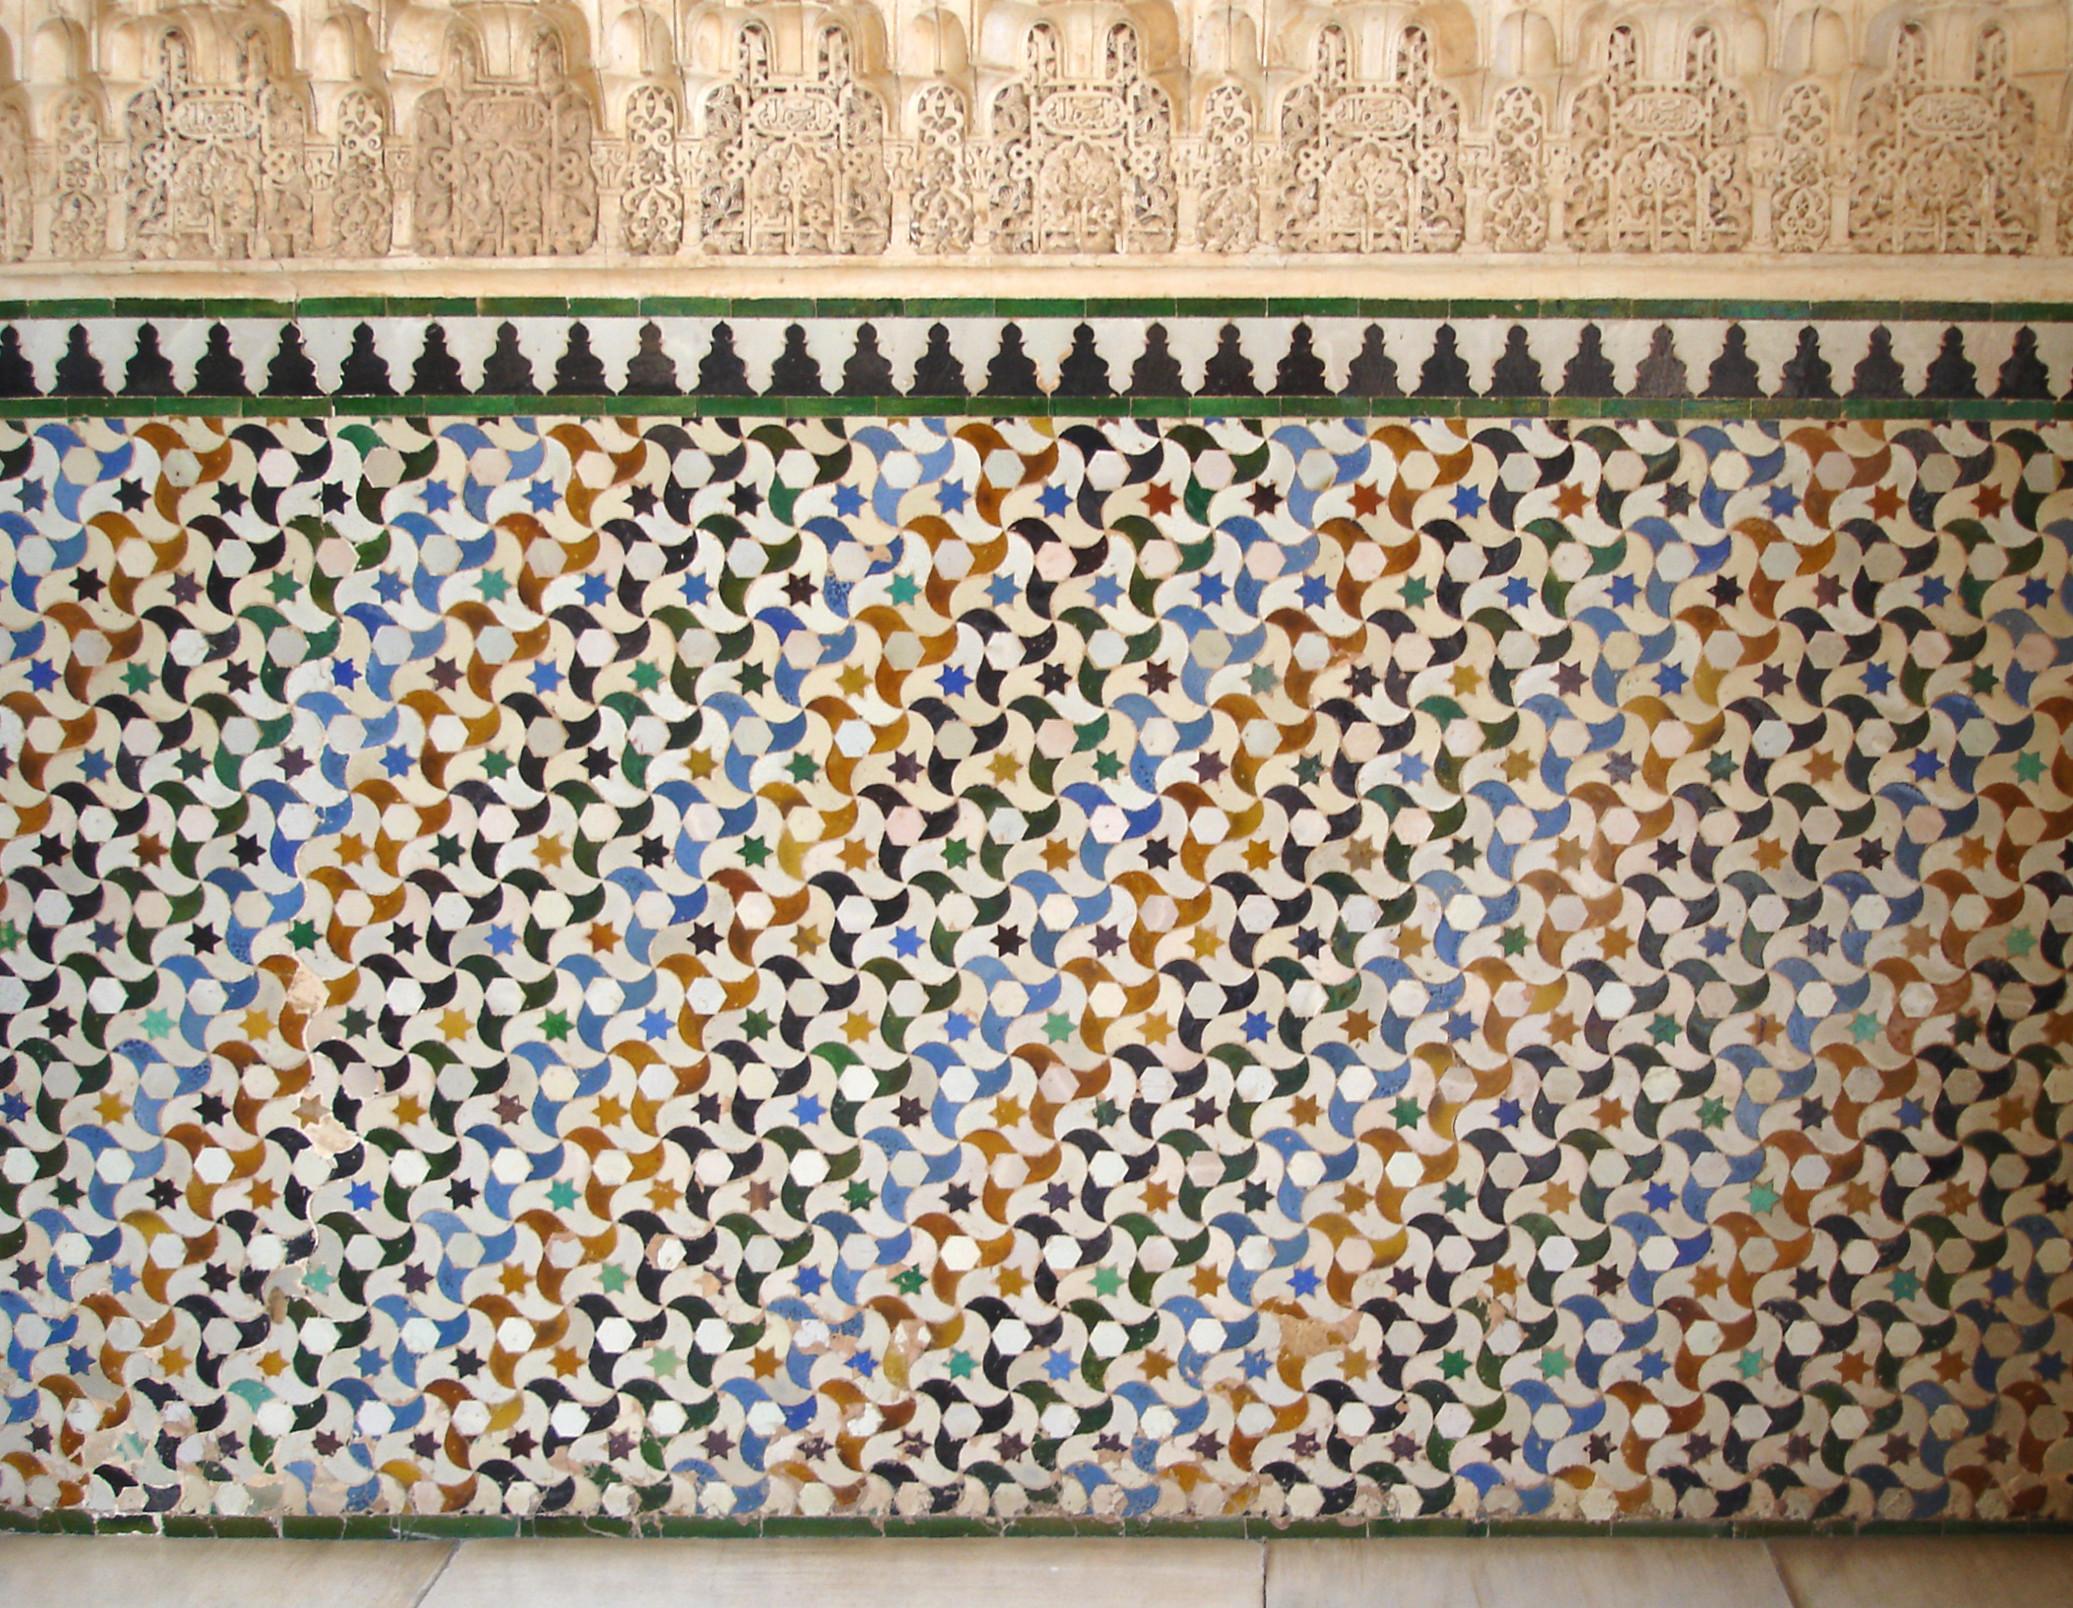 Zellij wall, Alhambra, Spaine